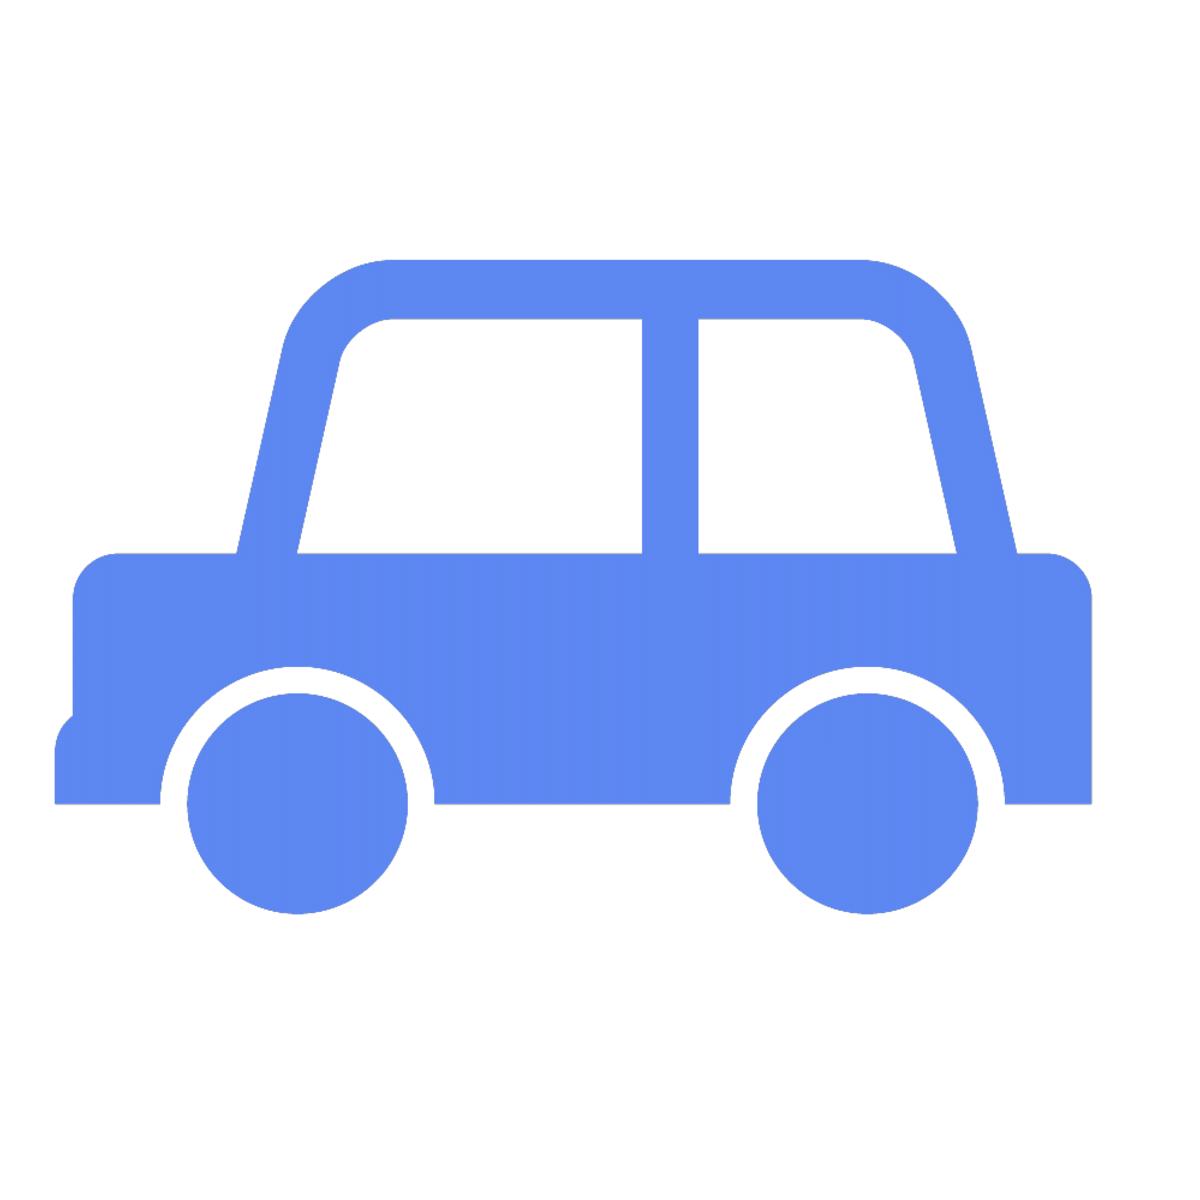 車による送迎の説明を示しているイラスト